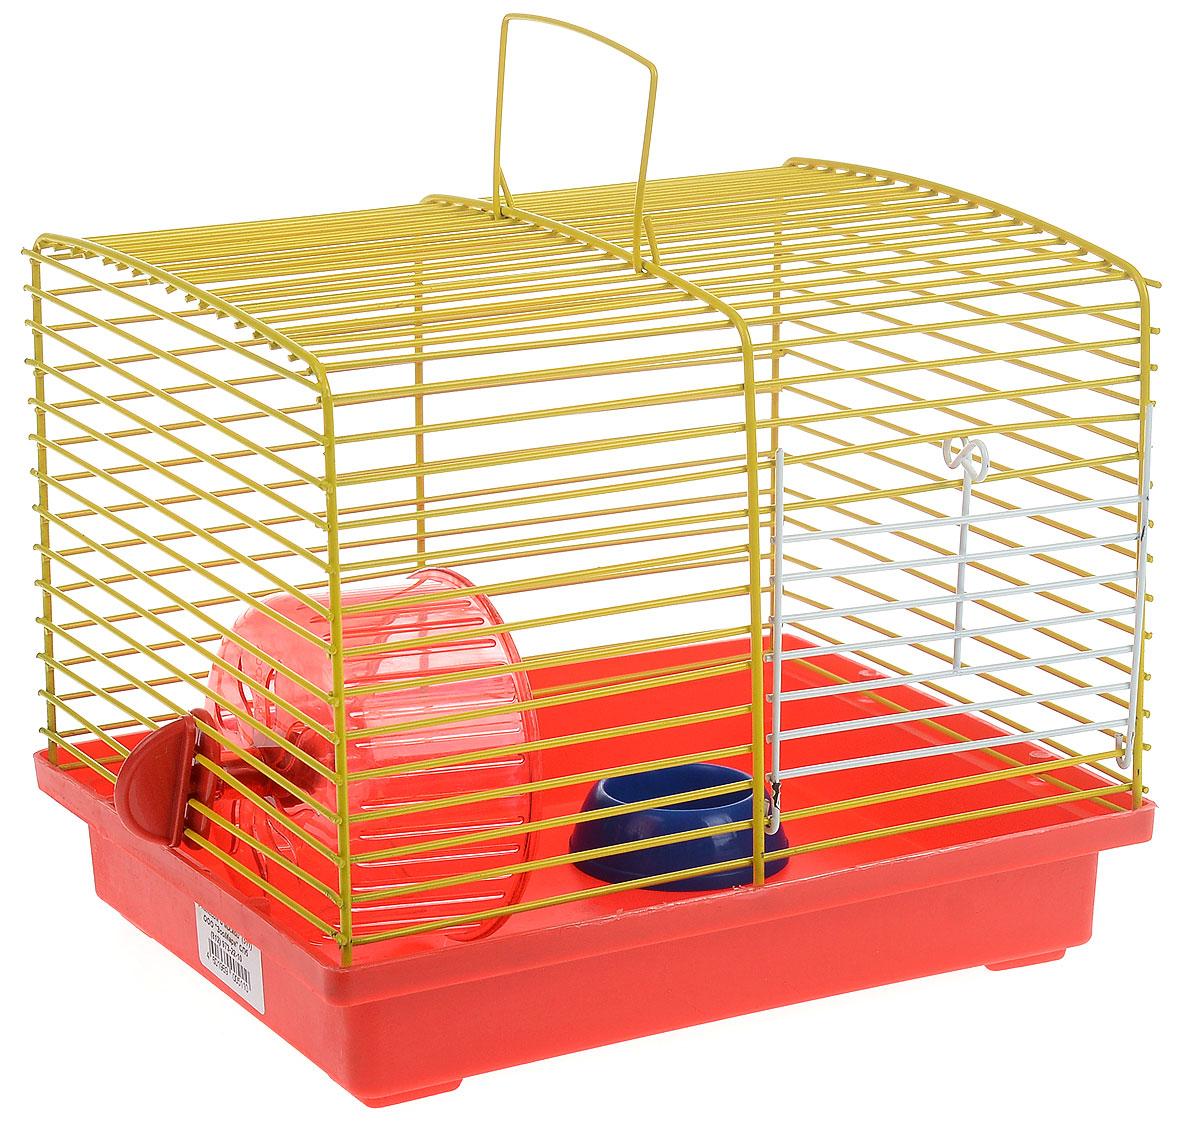 Клетка для джунгариков ЗооМарк, с колесом и миской, цвет: красный поддон, желтая решетка, 23 х 18 х 18,5 см511_красный, желтыйКлетка ЗооМарк, выполненная из пластика и металла, подходит для джунгарского хомячка и других мелких грызунов. Она оборудована колесом для подвижных игр и миской. Клетка имеет яркий поддон, удобна в использовании и легко чистится. Такая клетка станет уединенным личным пространством и уютным домиком для маленького грызуна.